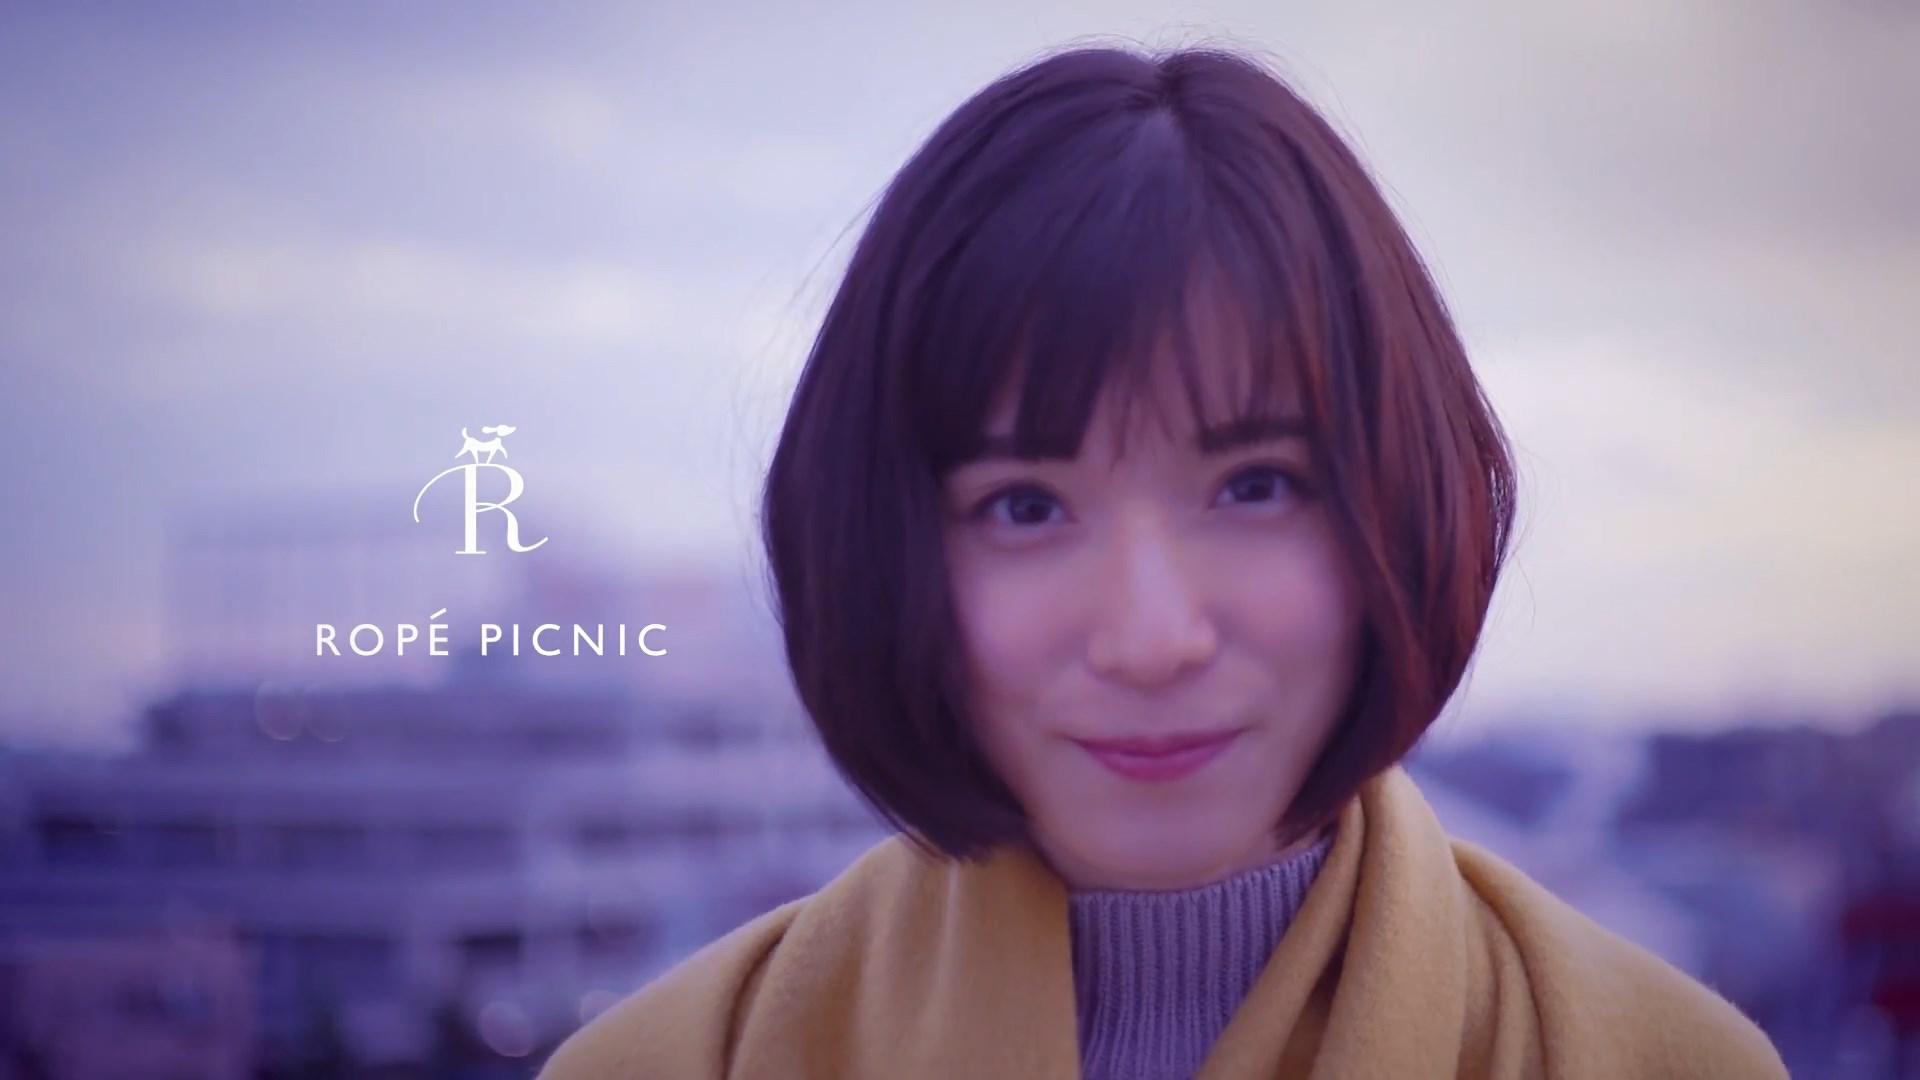 ロペピクニック「どんなときも。song by 松岡茉優」